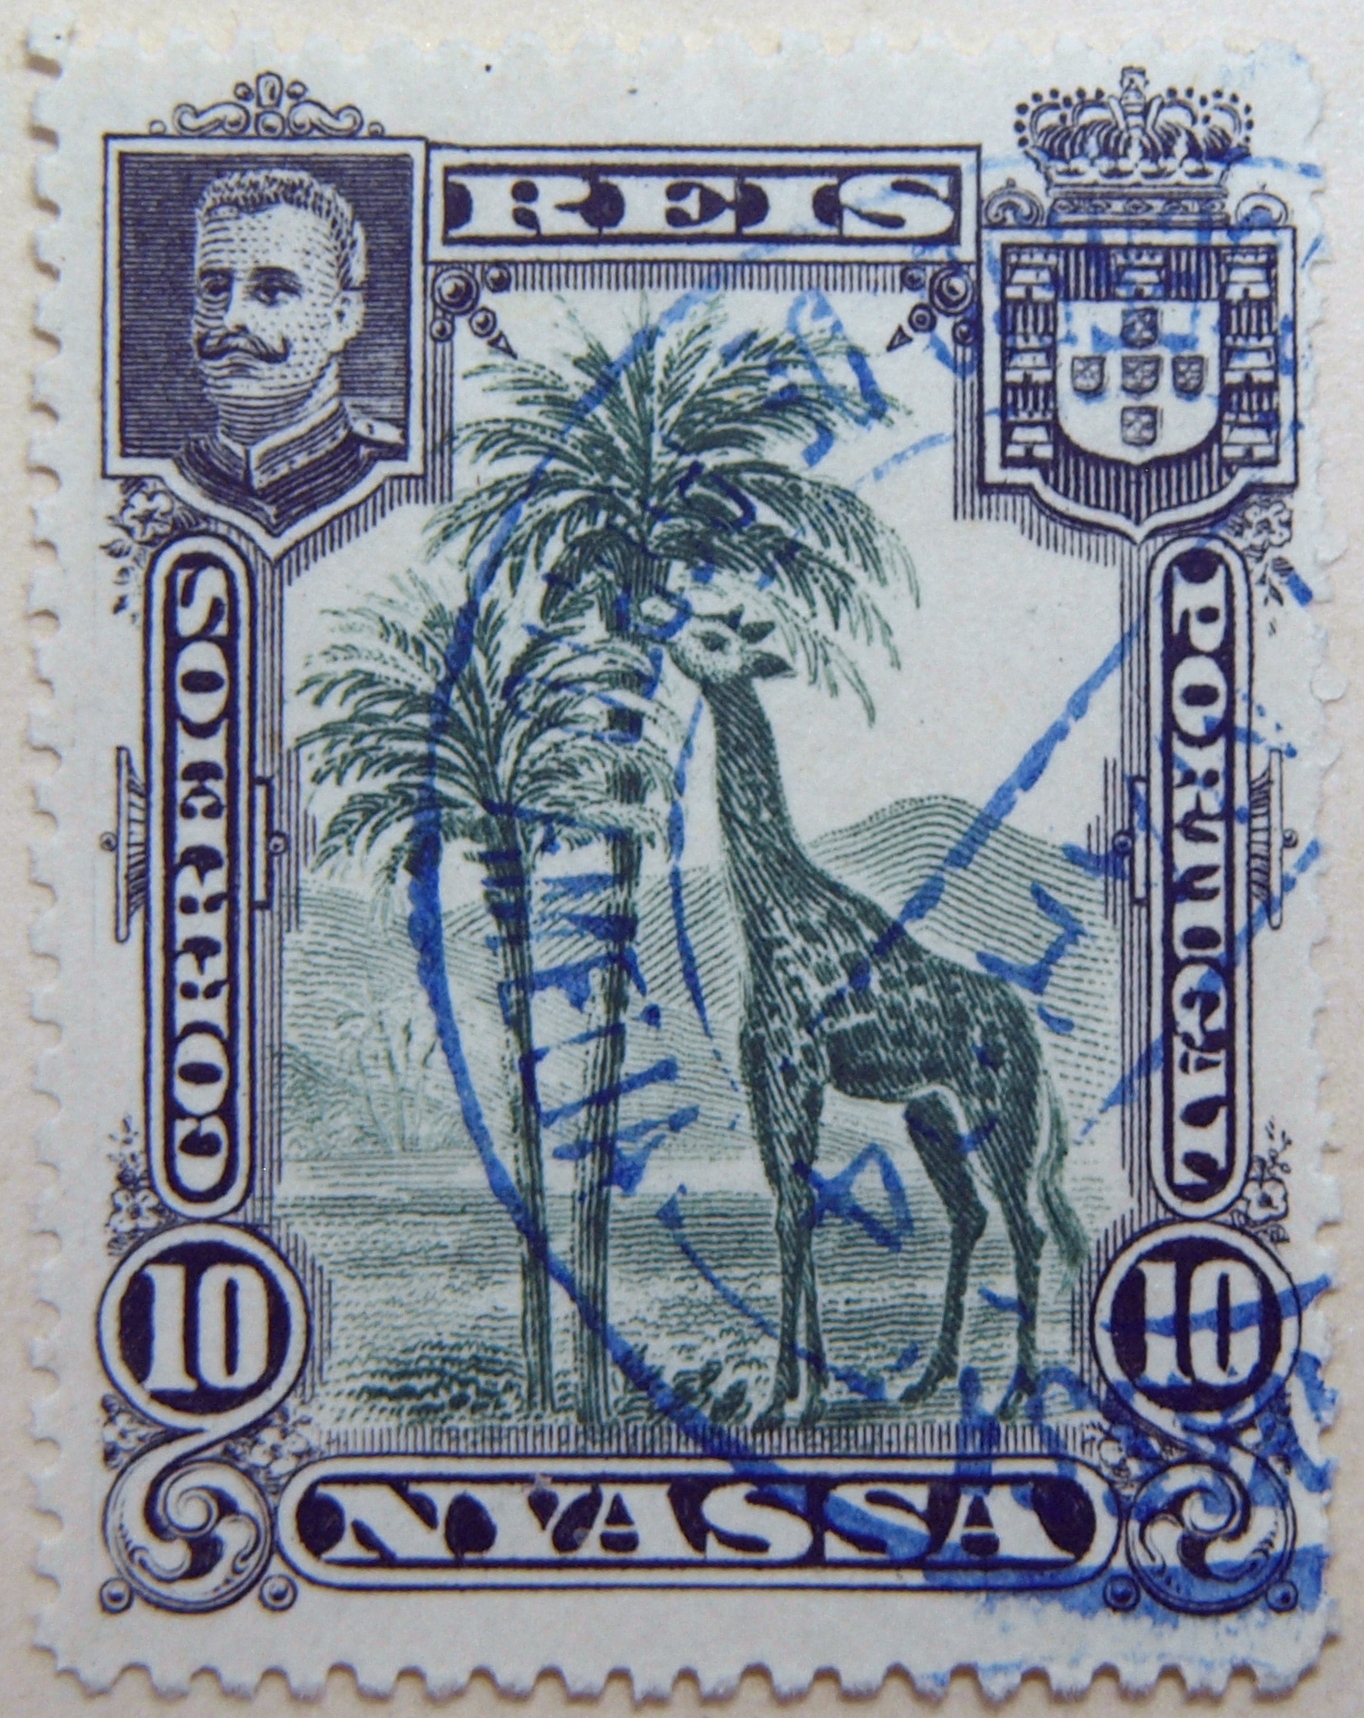 NYASSA stamps